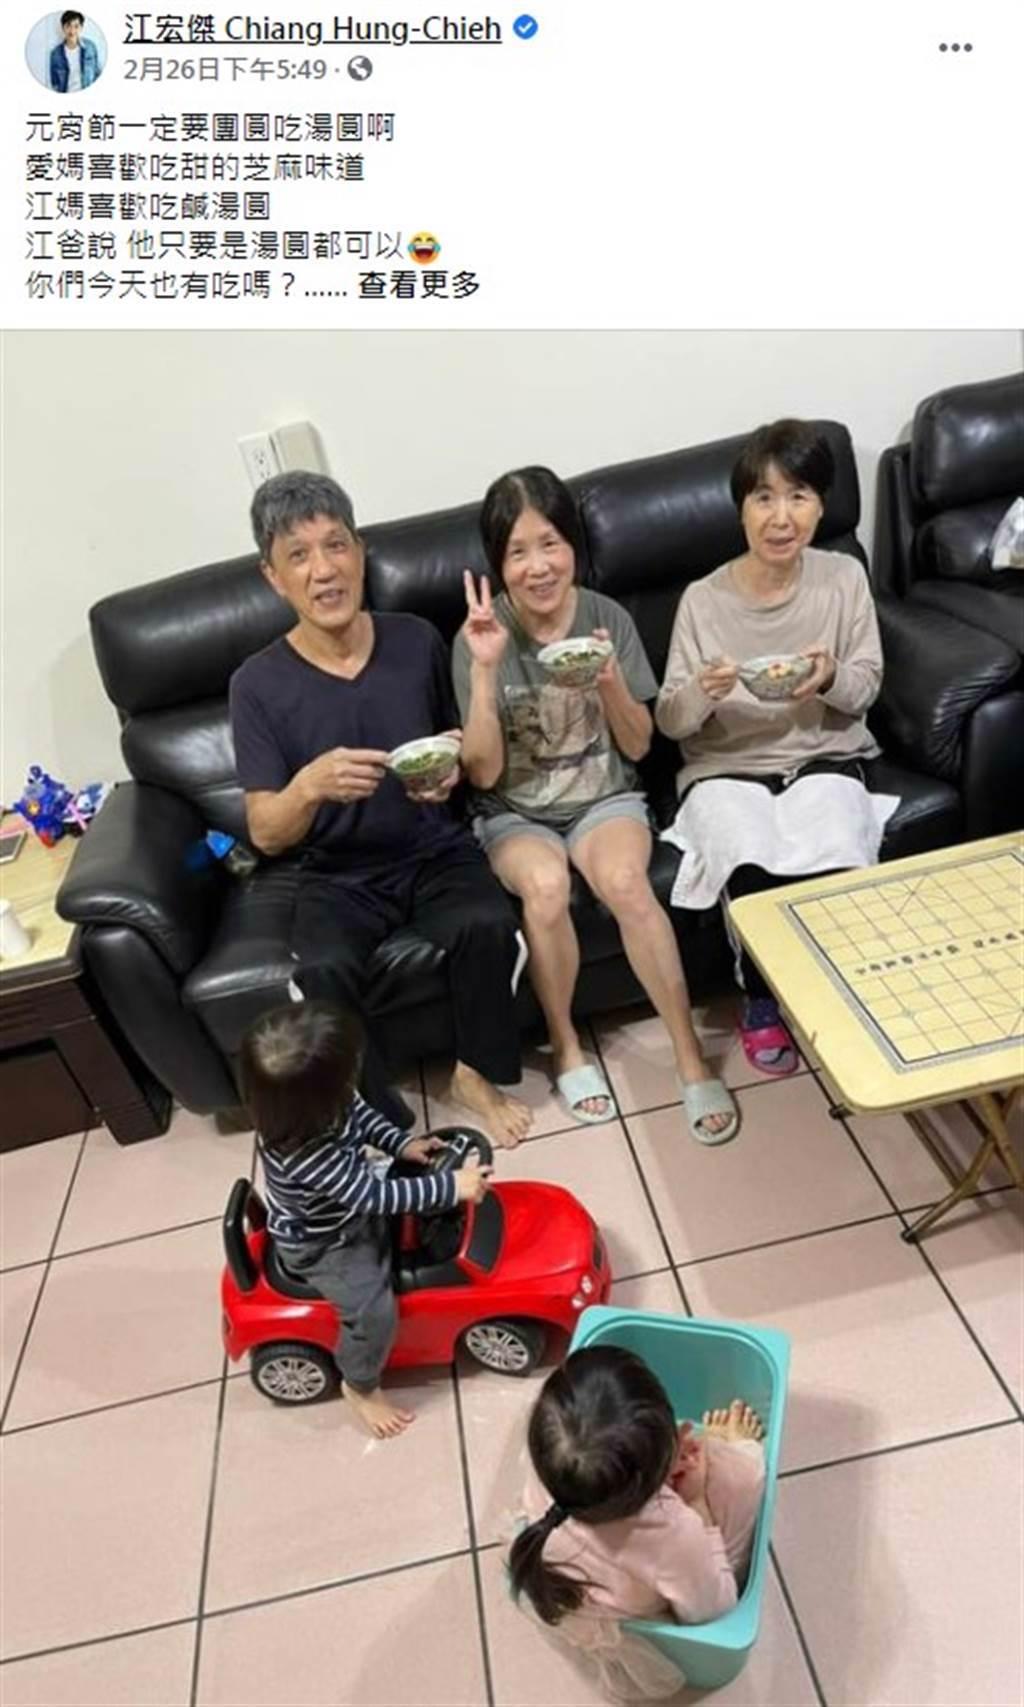 江宏傑元宵節才放上一家人吃湯圓的照片。(圖/FB@江宏傑)